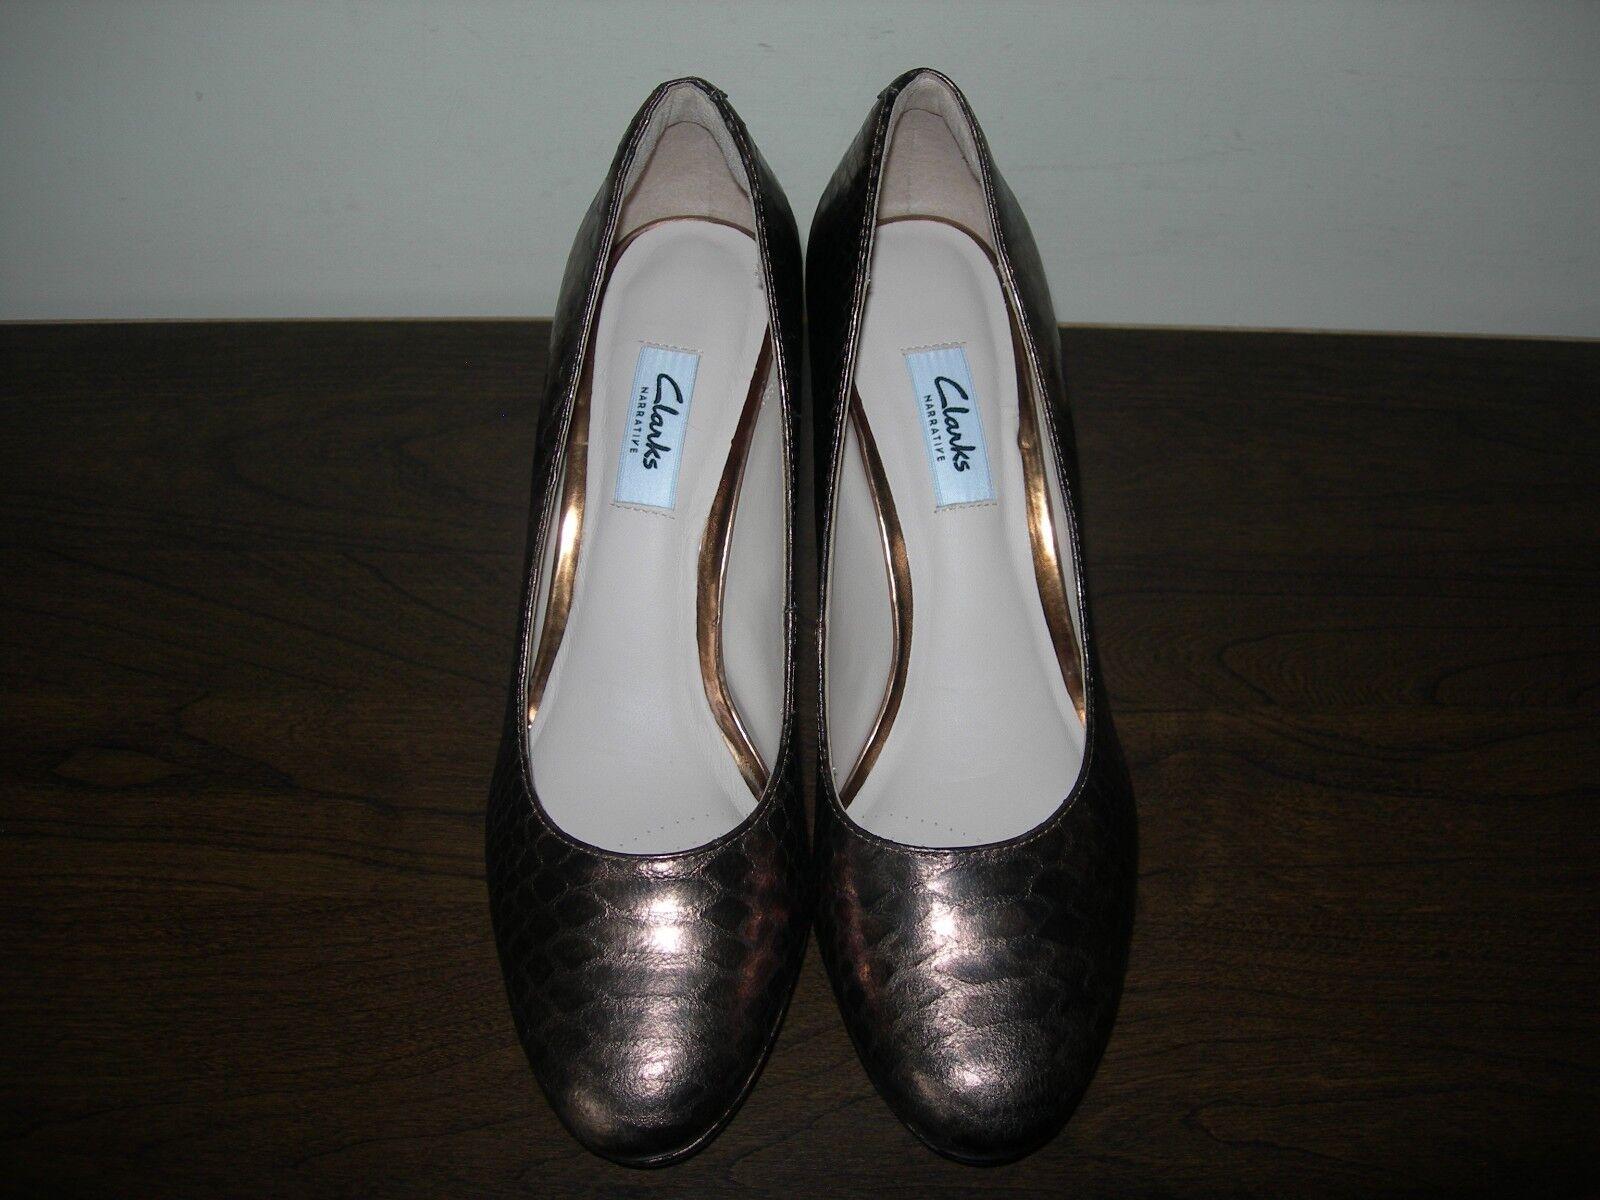 CLARKS NARRATIVE WOMEN'S COURT Schuhe BRONZE KENDRA SIENNA (I) 39 EU 39 (I) / UK 5.5 D 14bb8d